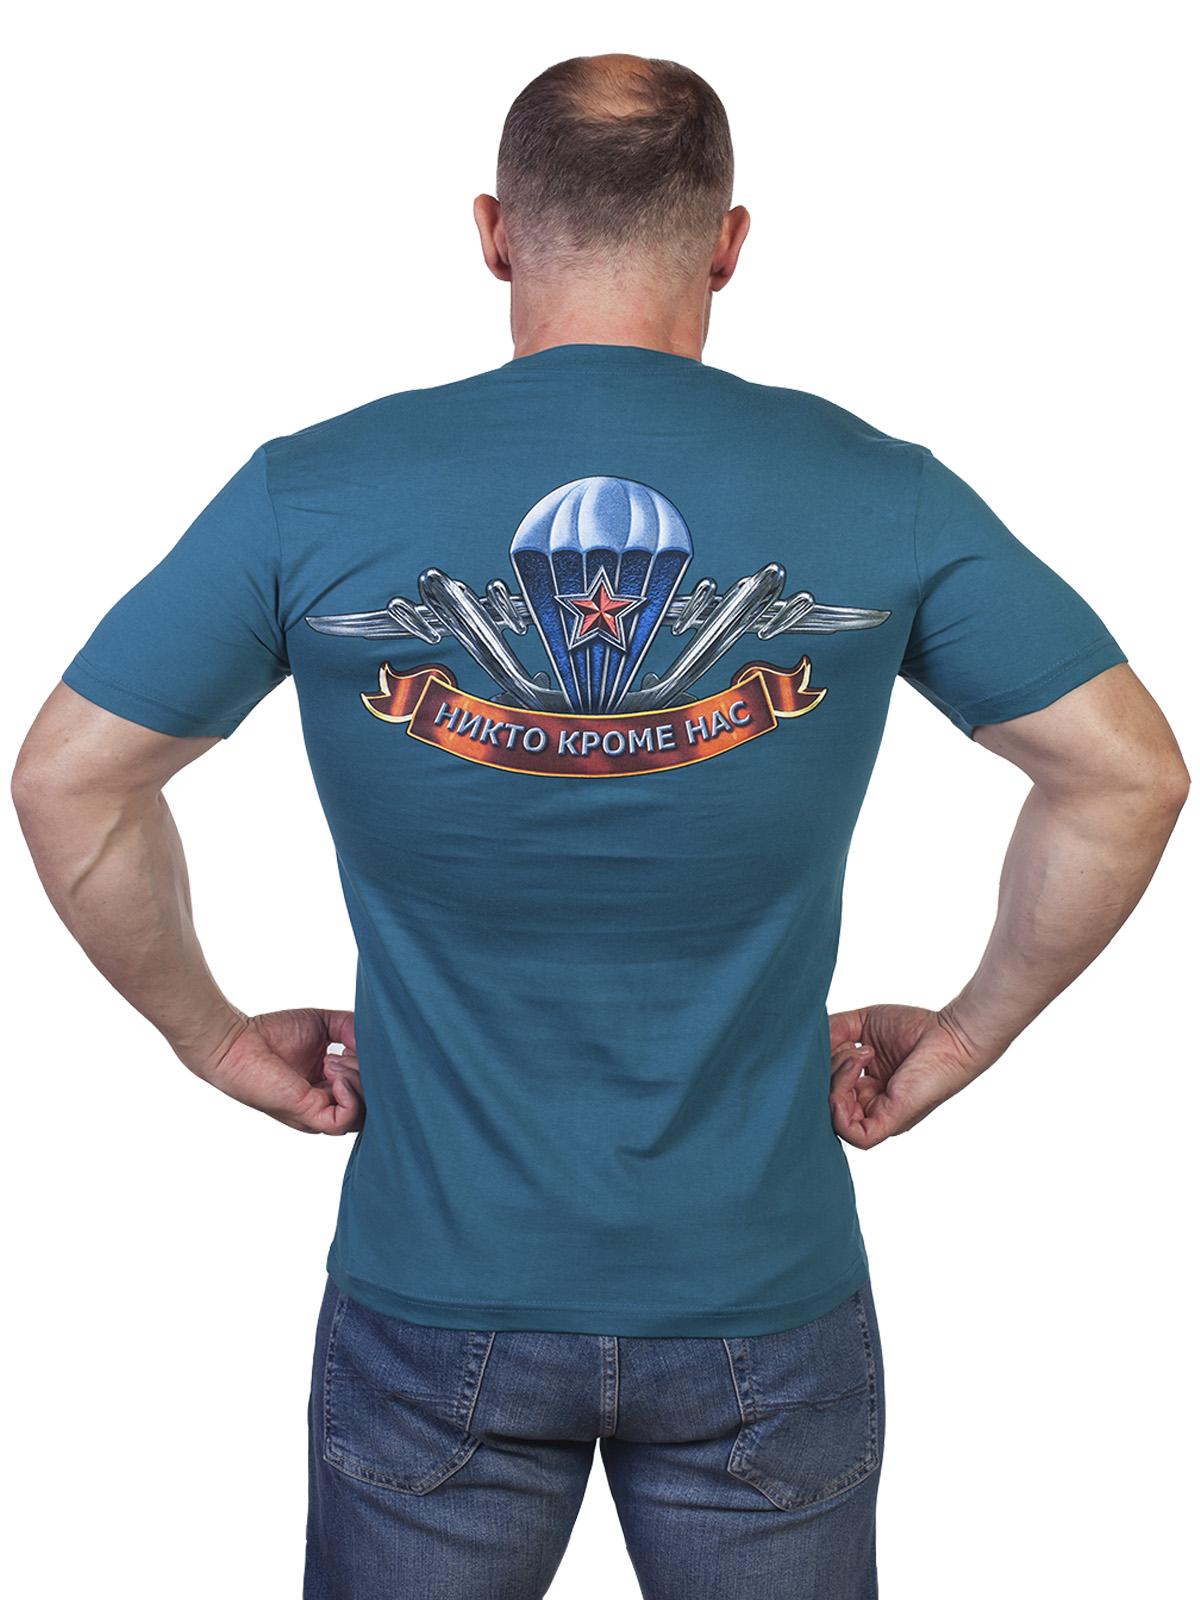 Мужская футболка Слава ВДВ! - купить в розницу